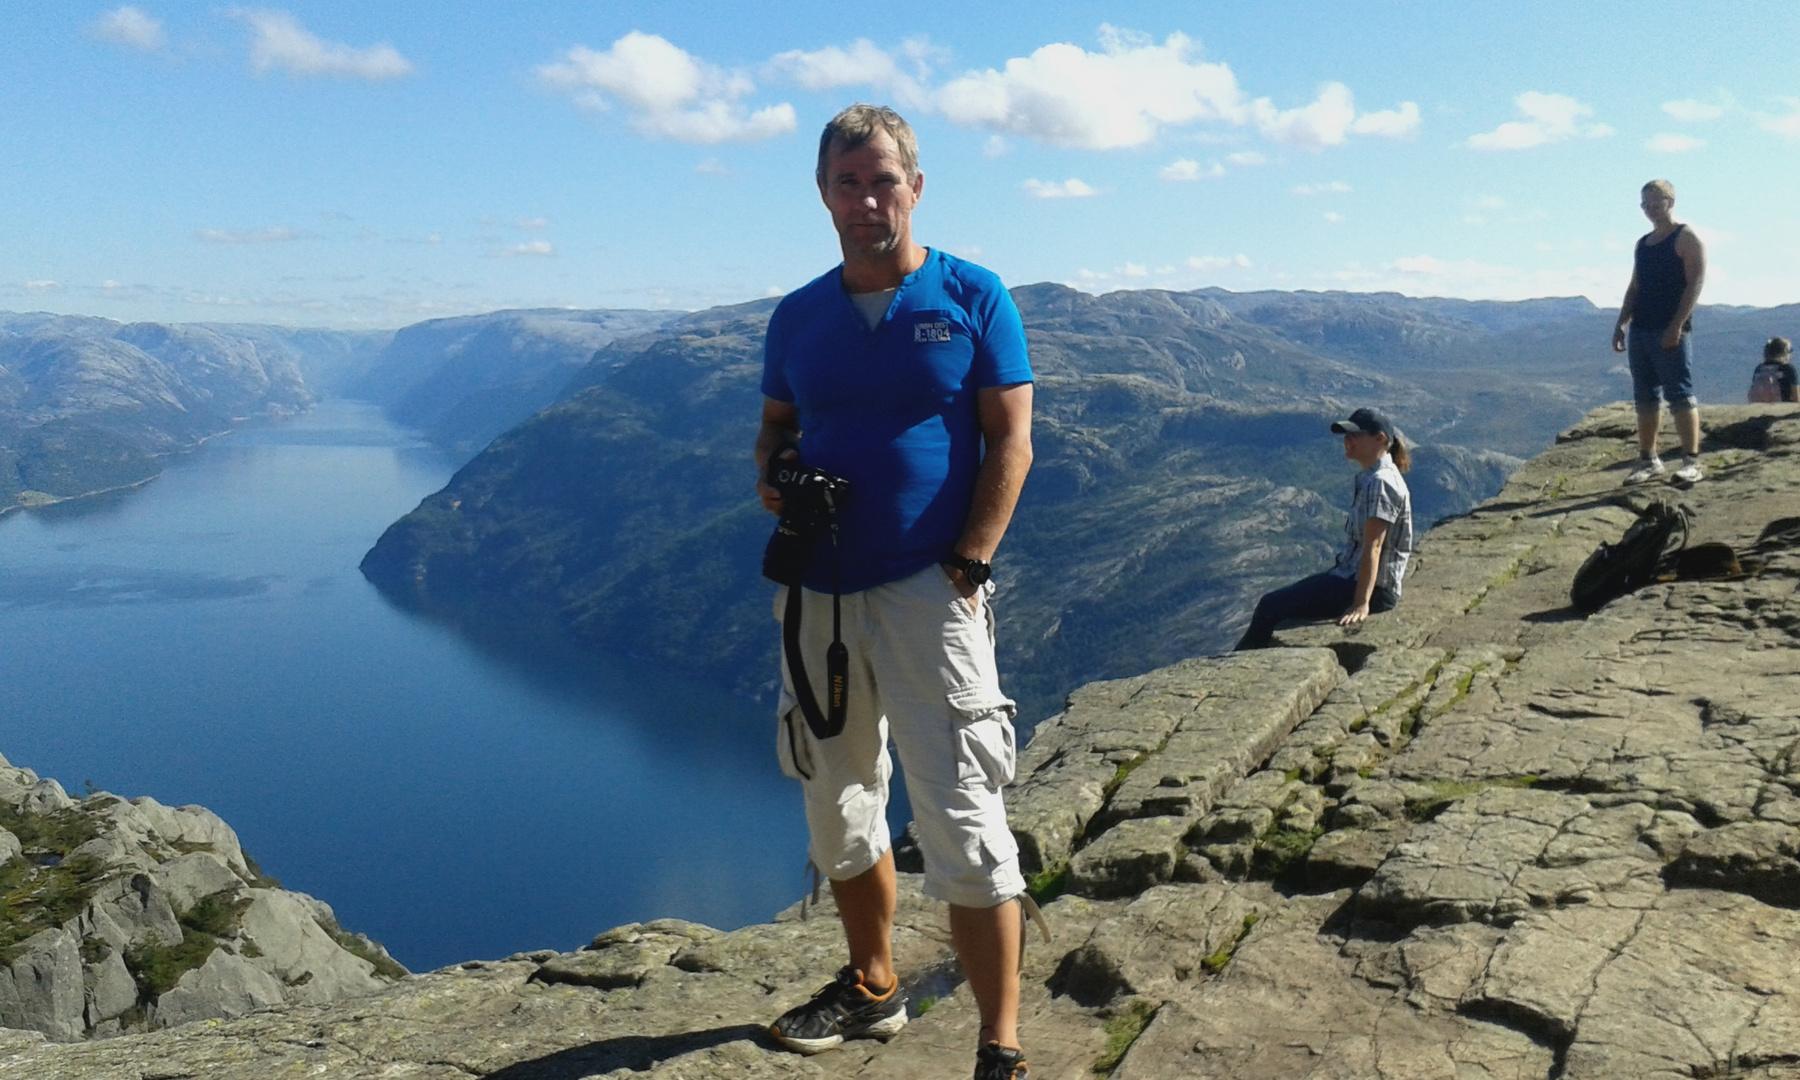 Good view Norway 2014 Amazing